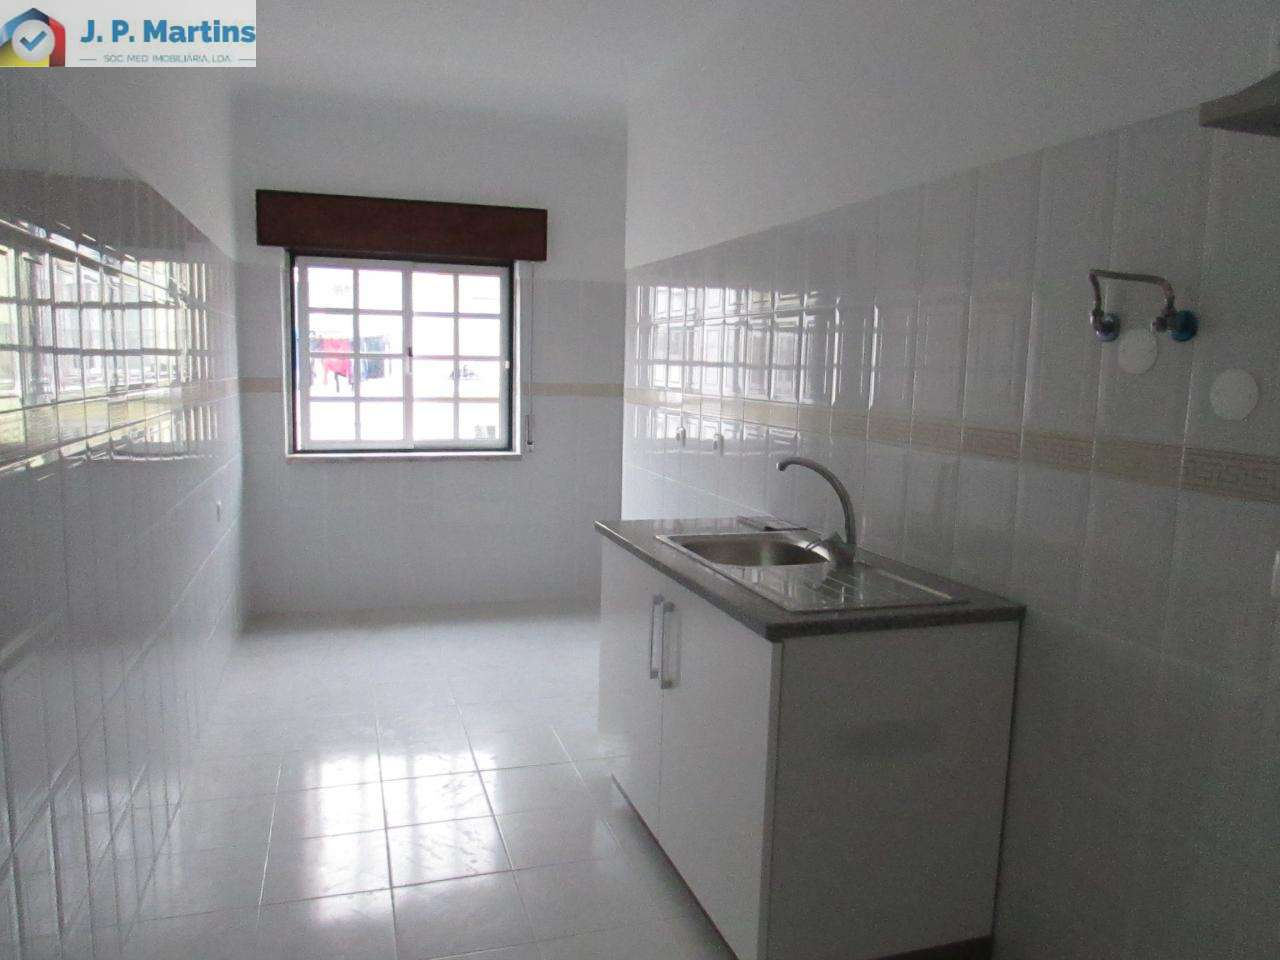 Apartamento para comprar, Quinta do Conde, Sesimbra, Setúbal - Foto 4